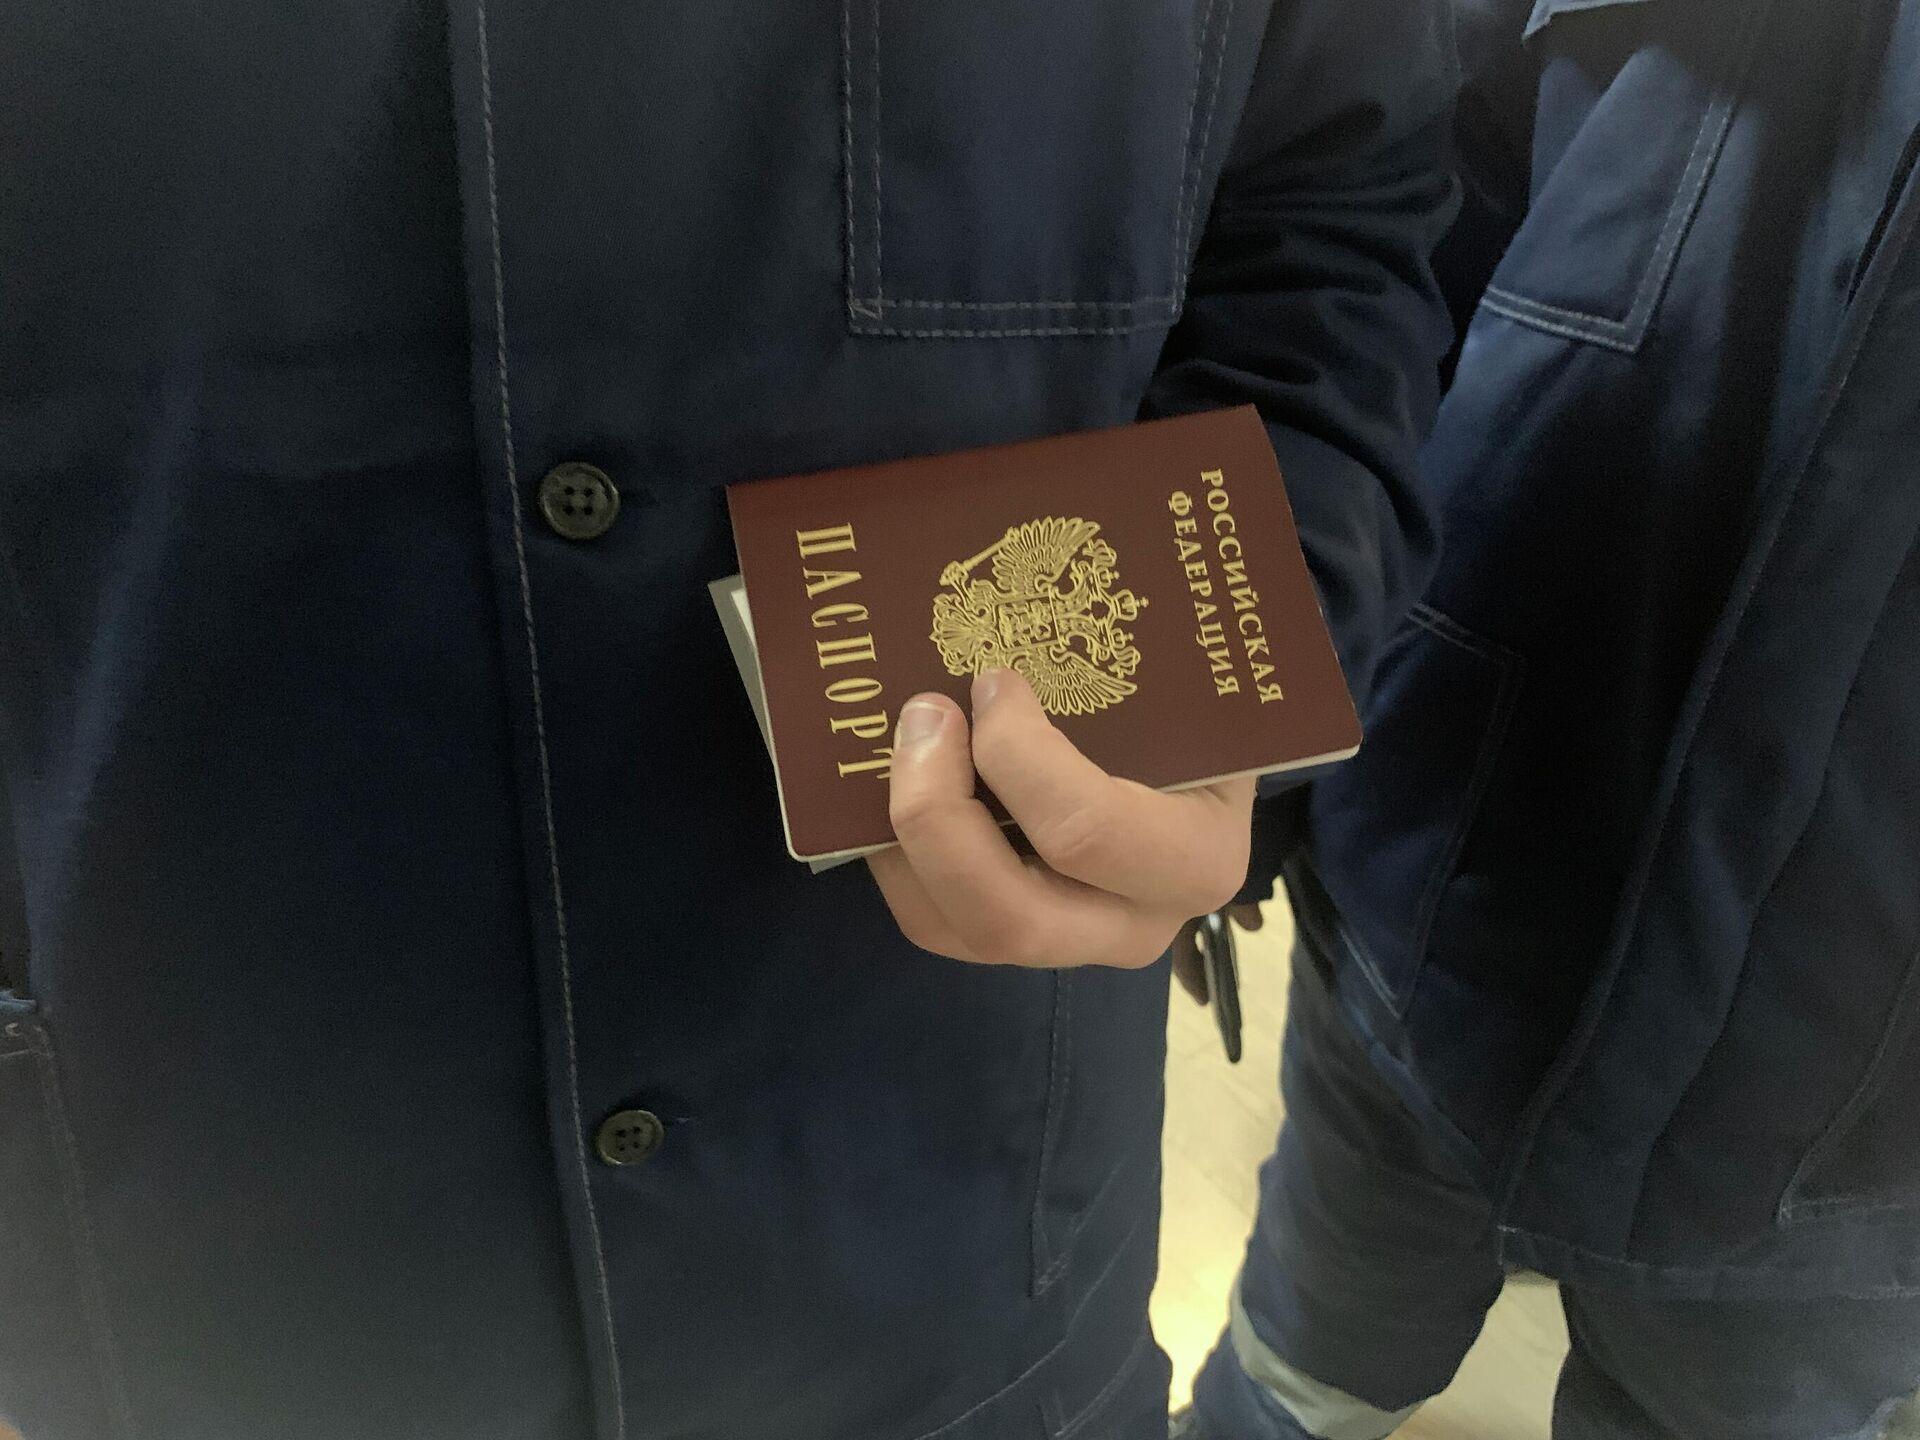 Российский избиратель с паспортом - Sputnik Беларусь, 1920, 18.09.2021